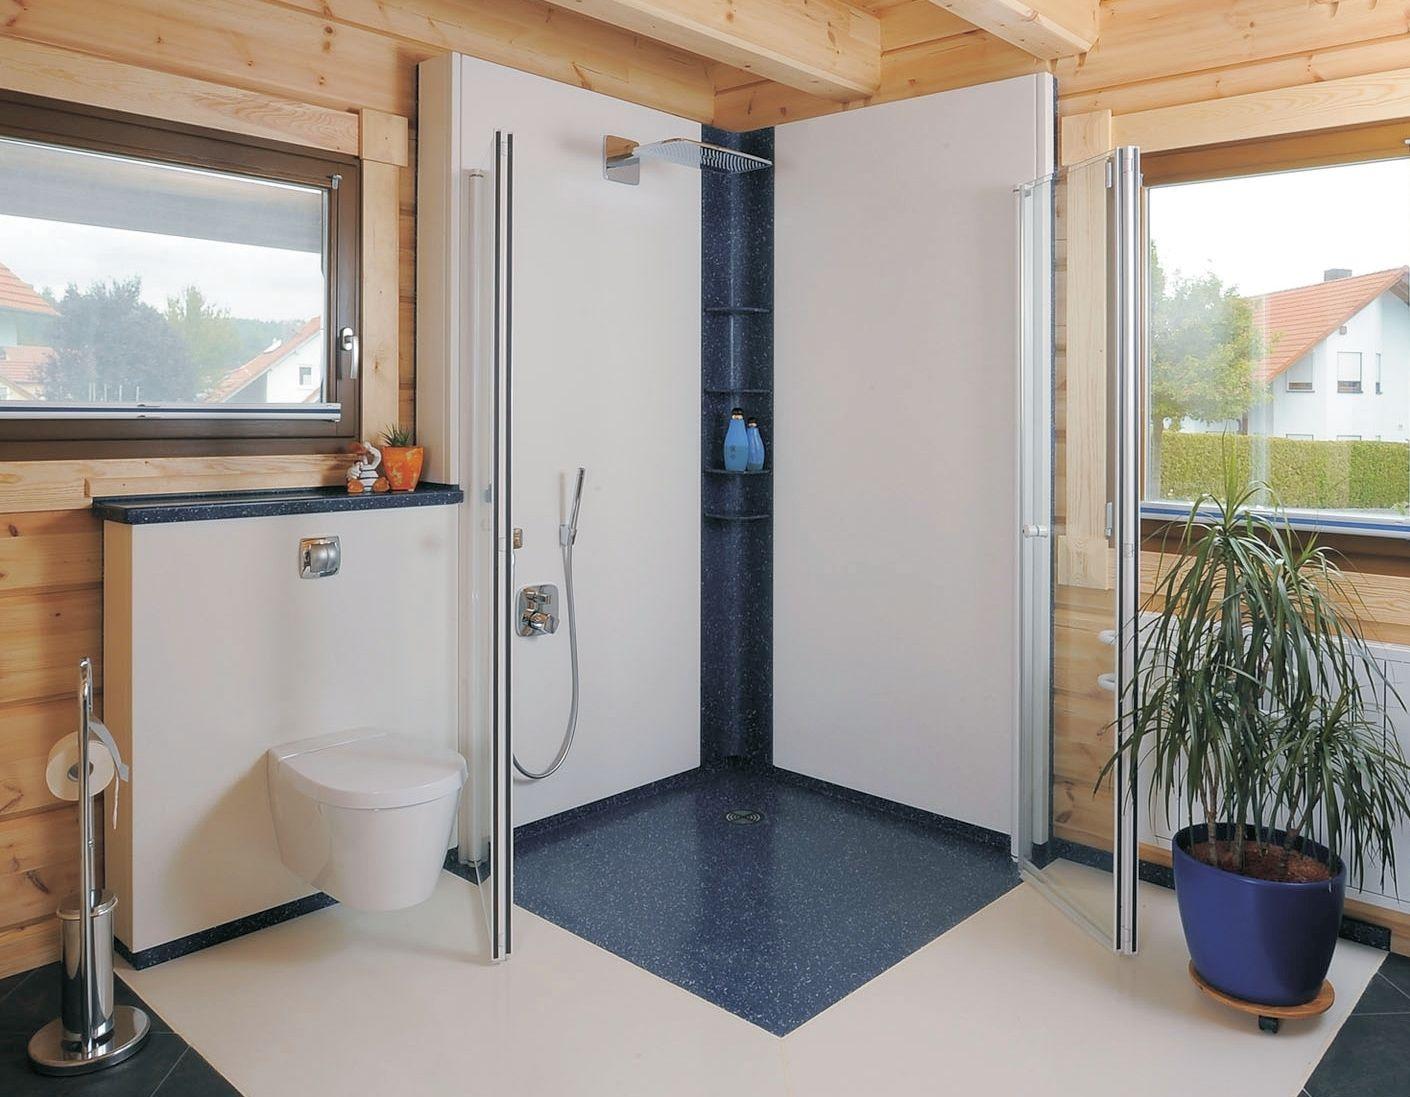 WandoVario® - Badgestaltung ohne Fliesen und Silikon - heinze.de